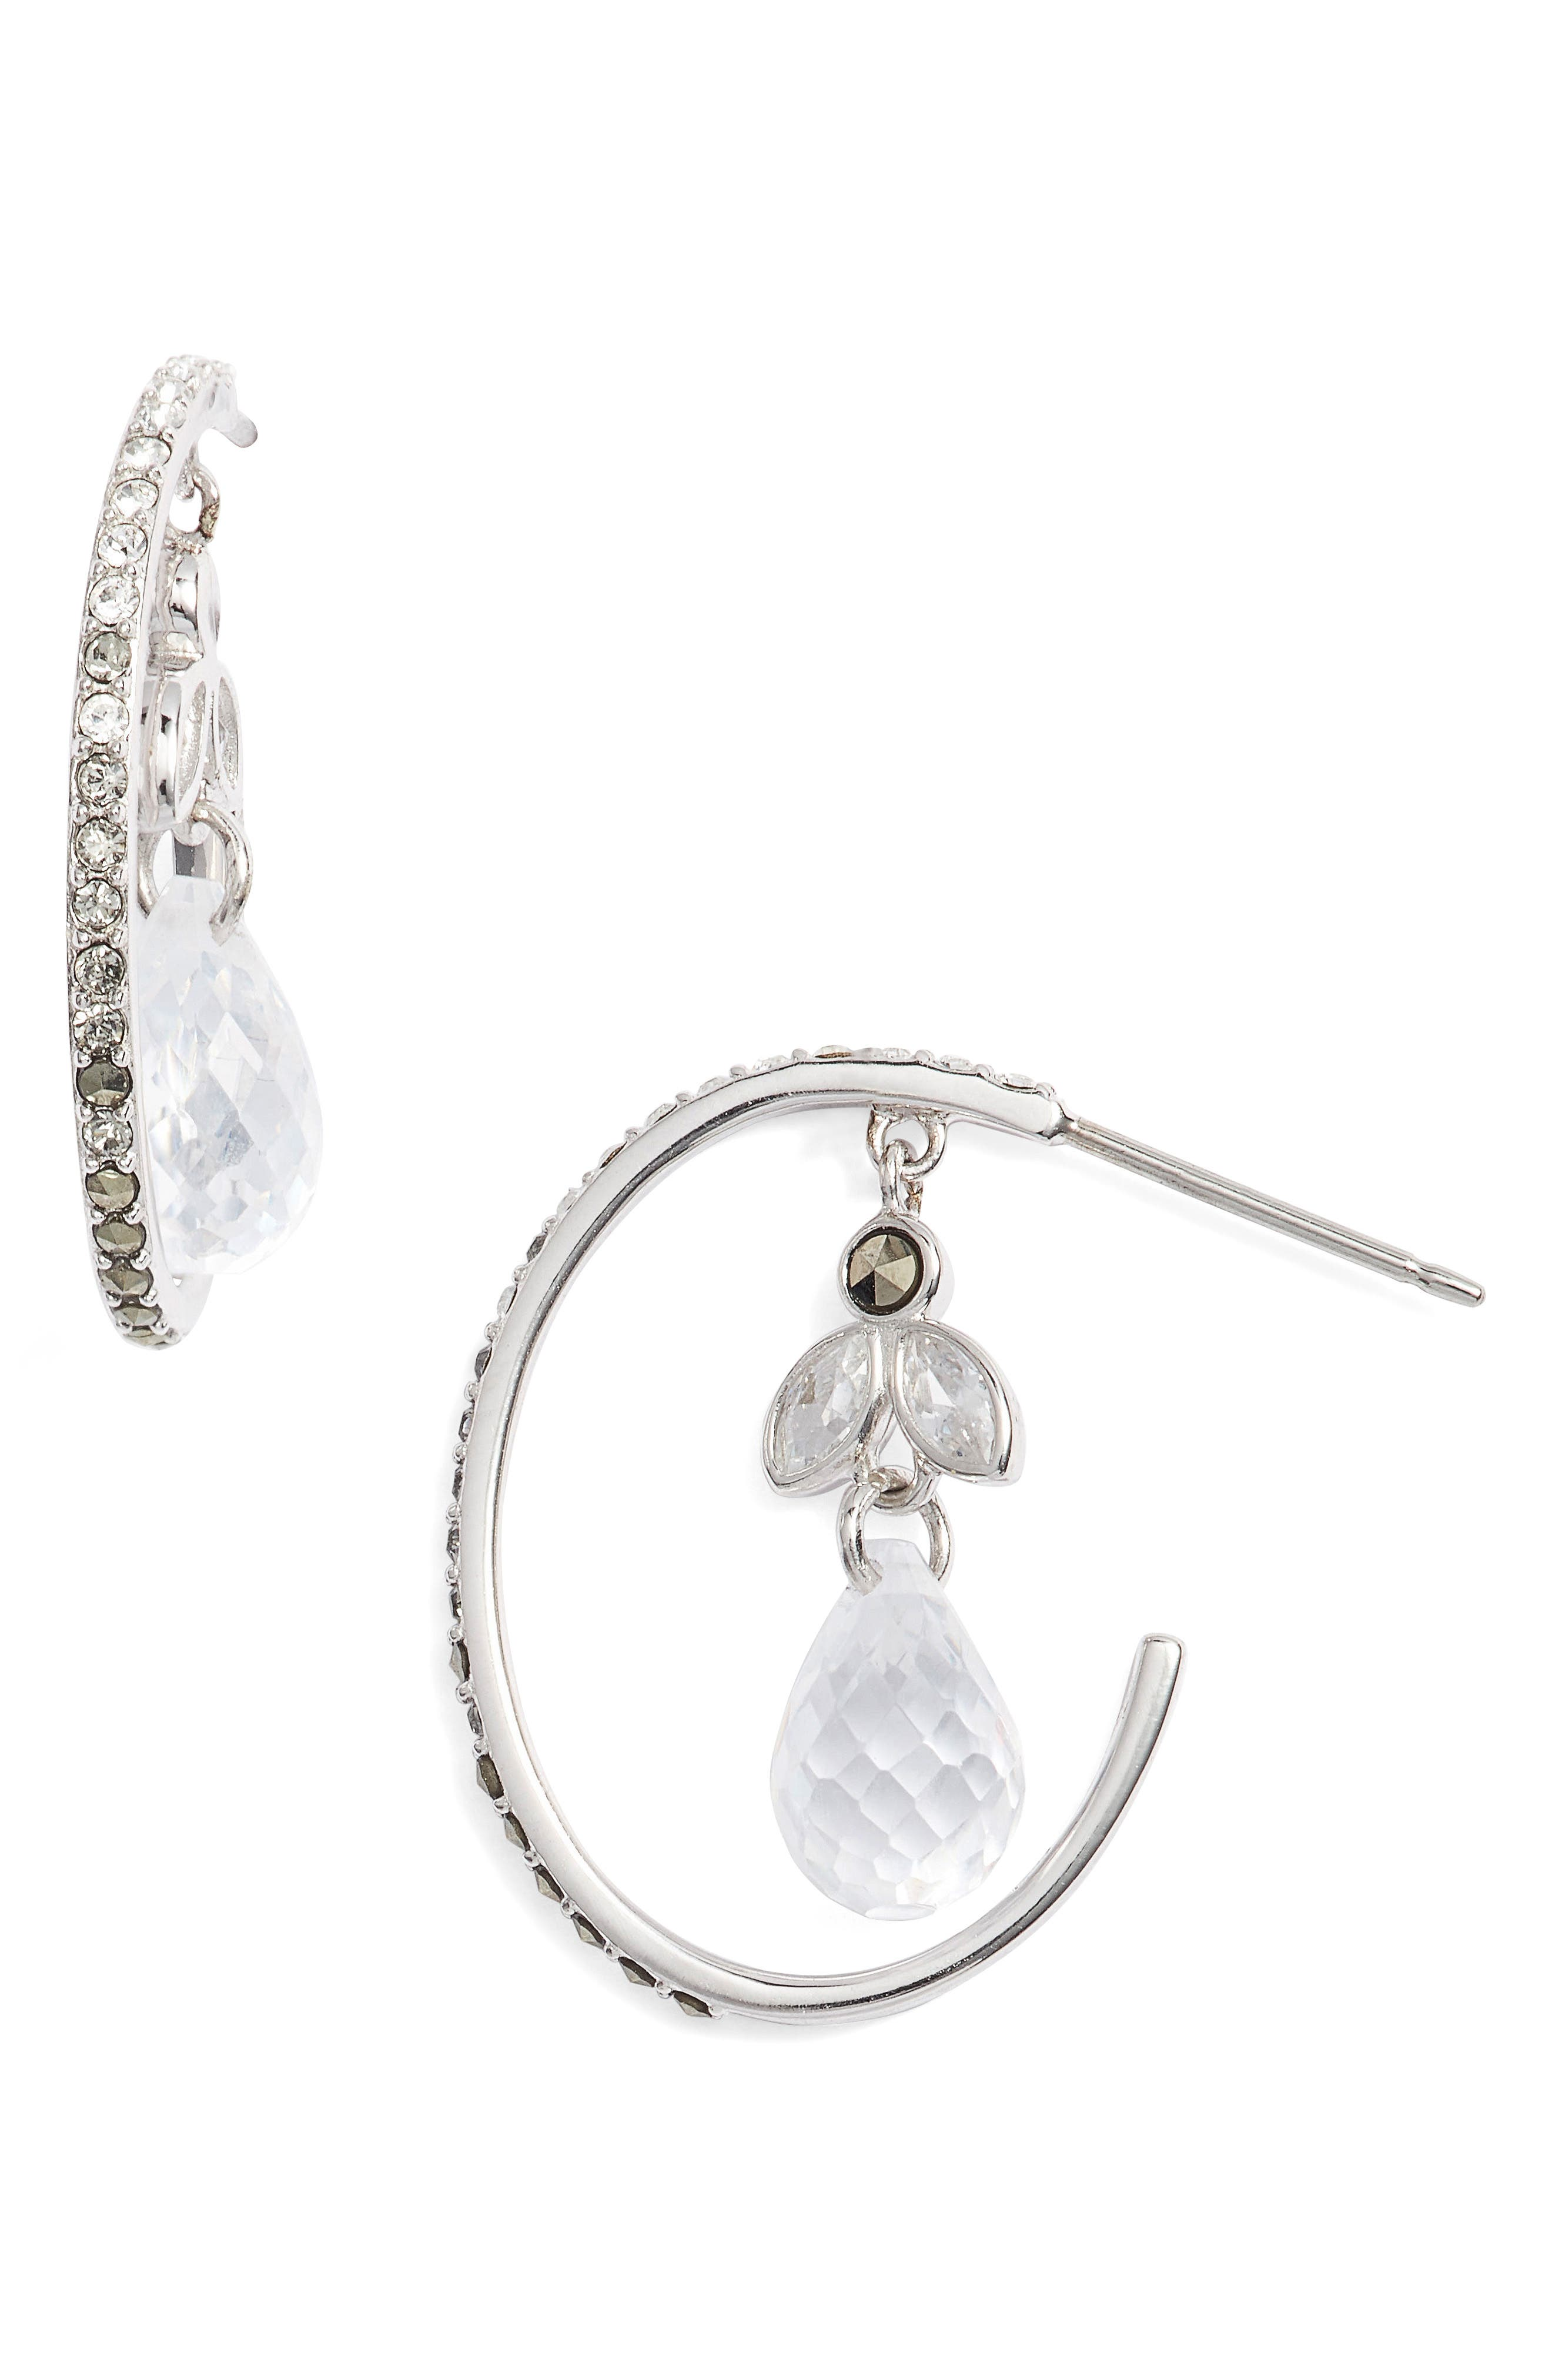 Crystal Hoop Earrings,                             Main thumbnail 1, color,